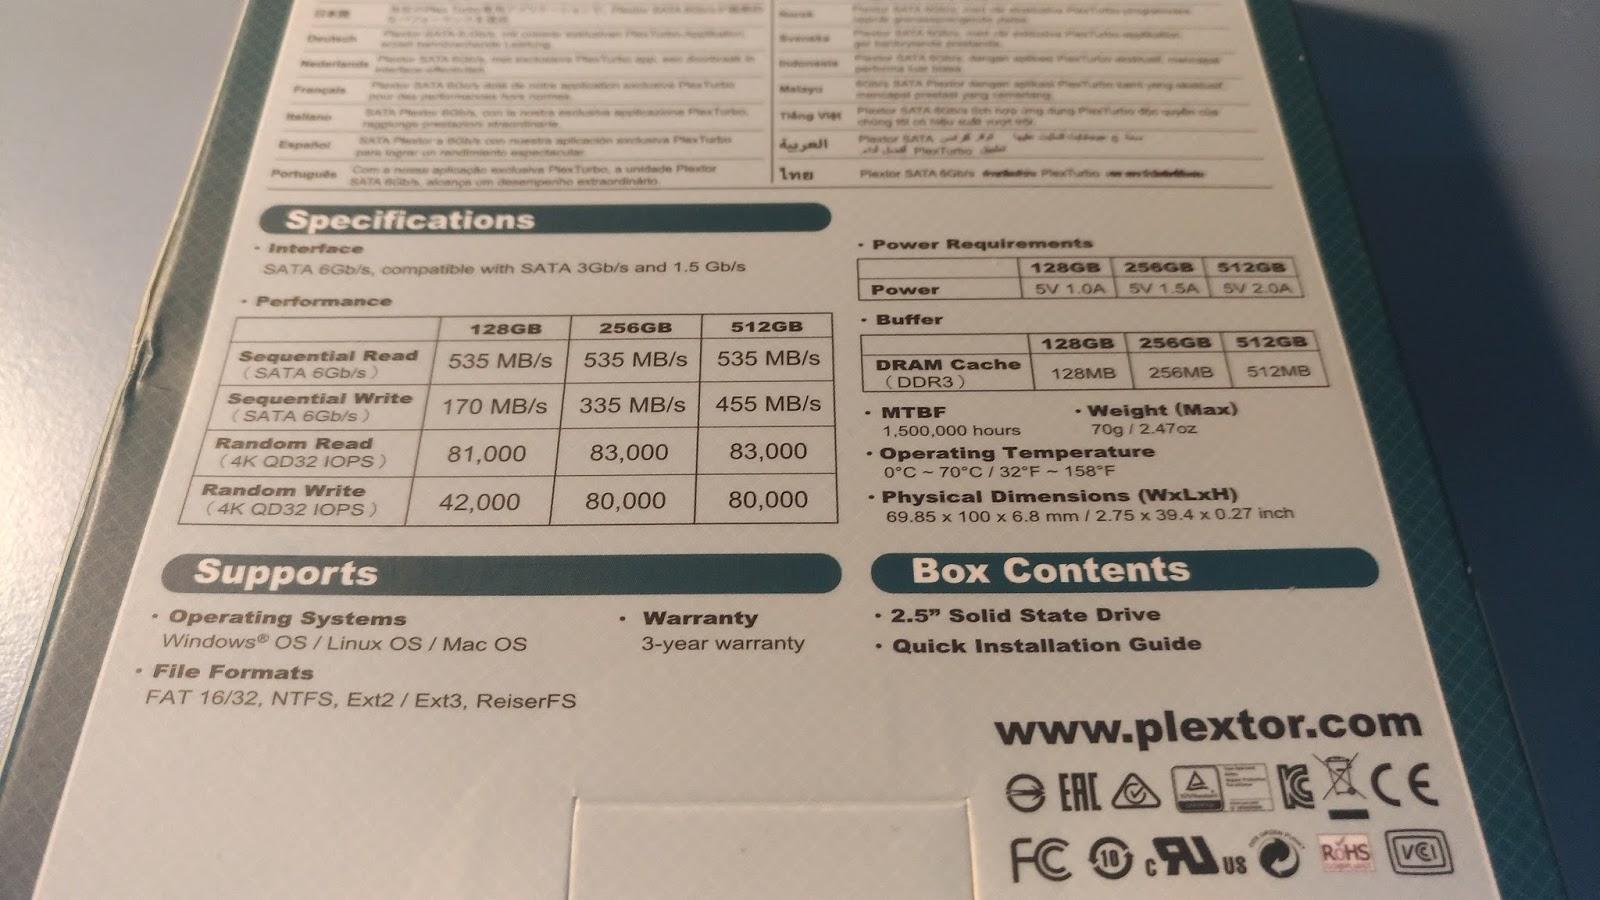 P 20170322 192132 vHDR On - Plextor M6V 256G SSD 開箱評測 & Asus K55VD 拆機升級雙硬碟教學